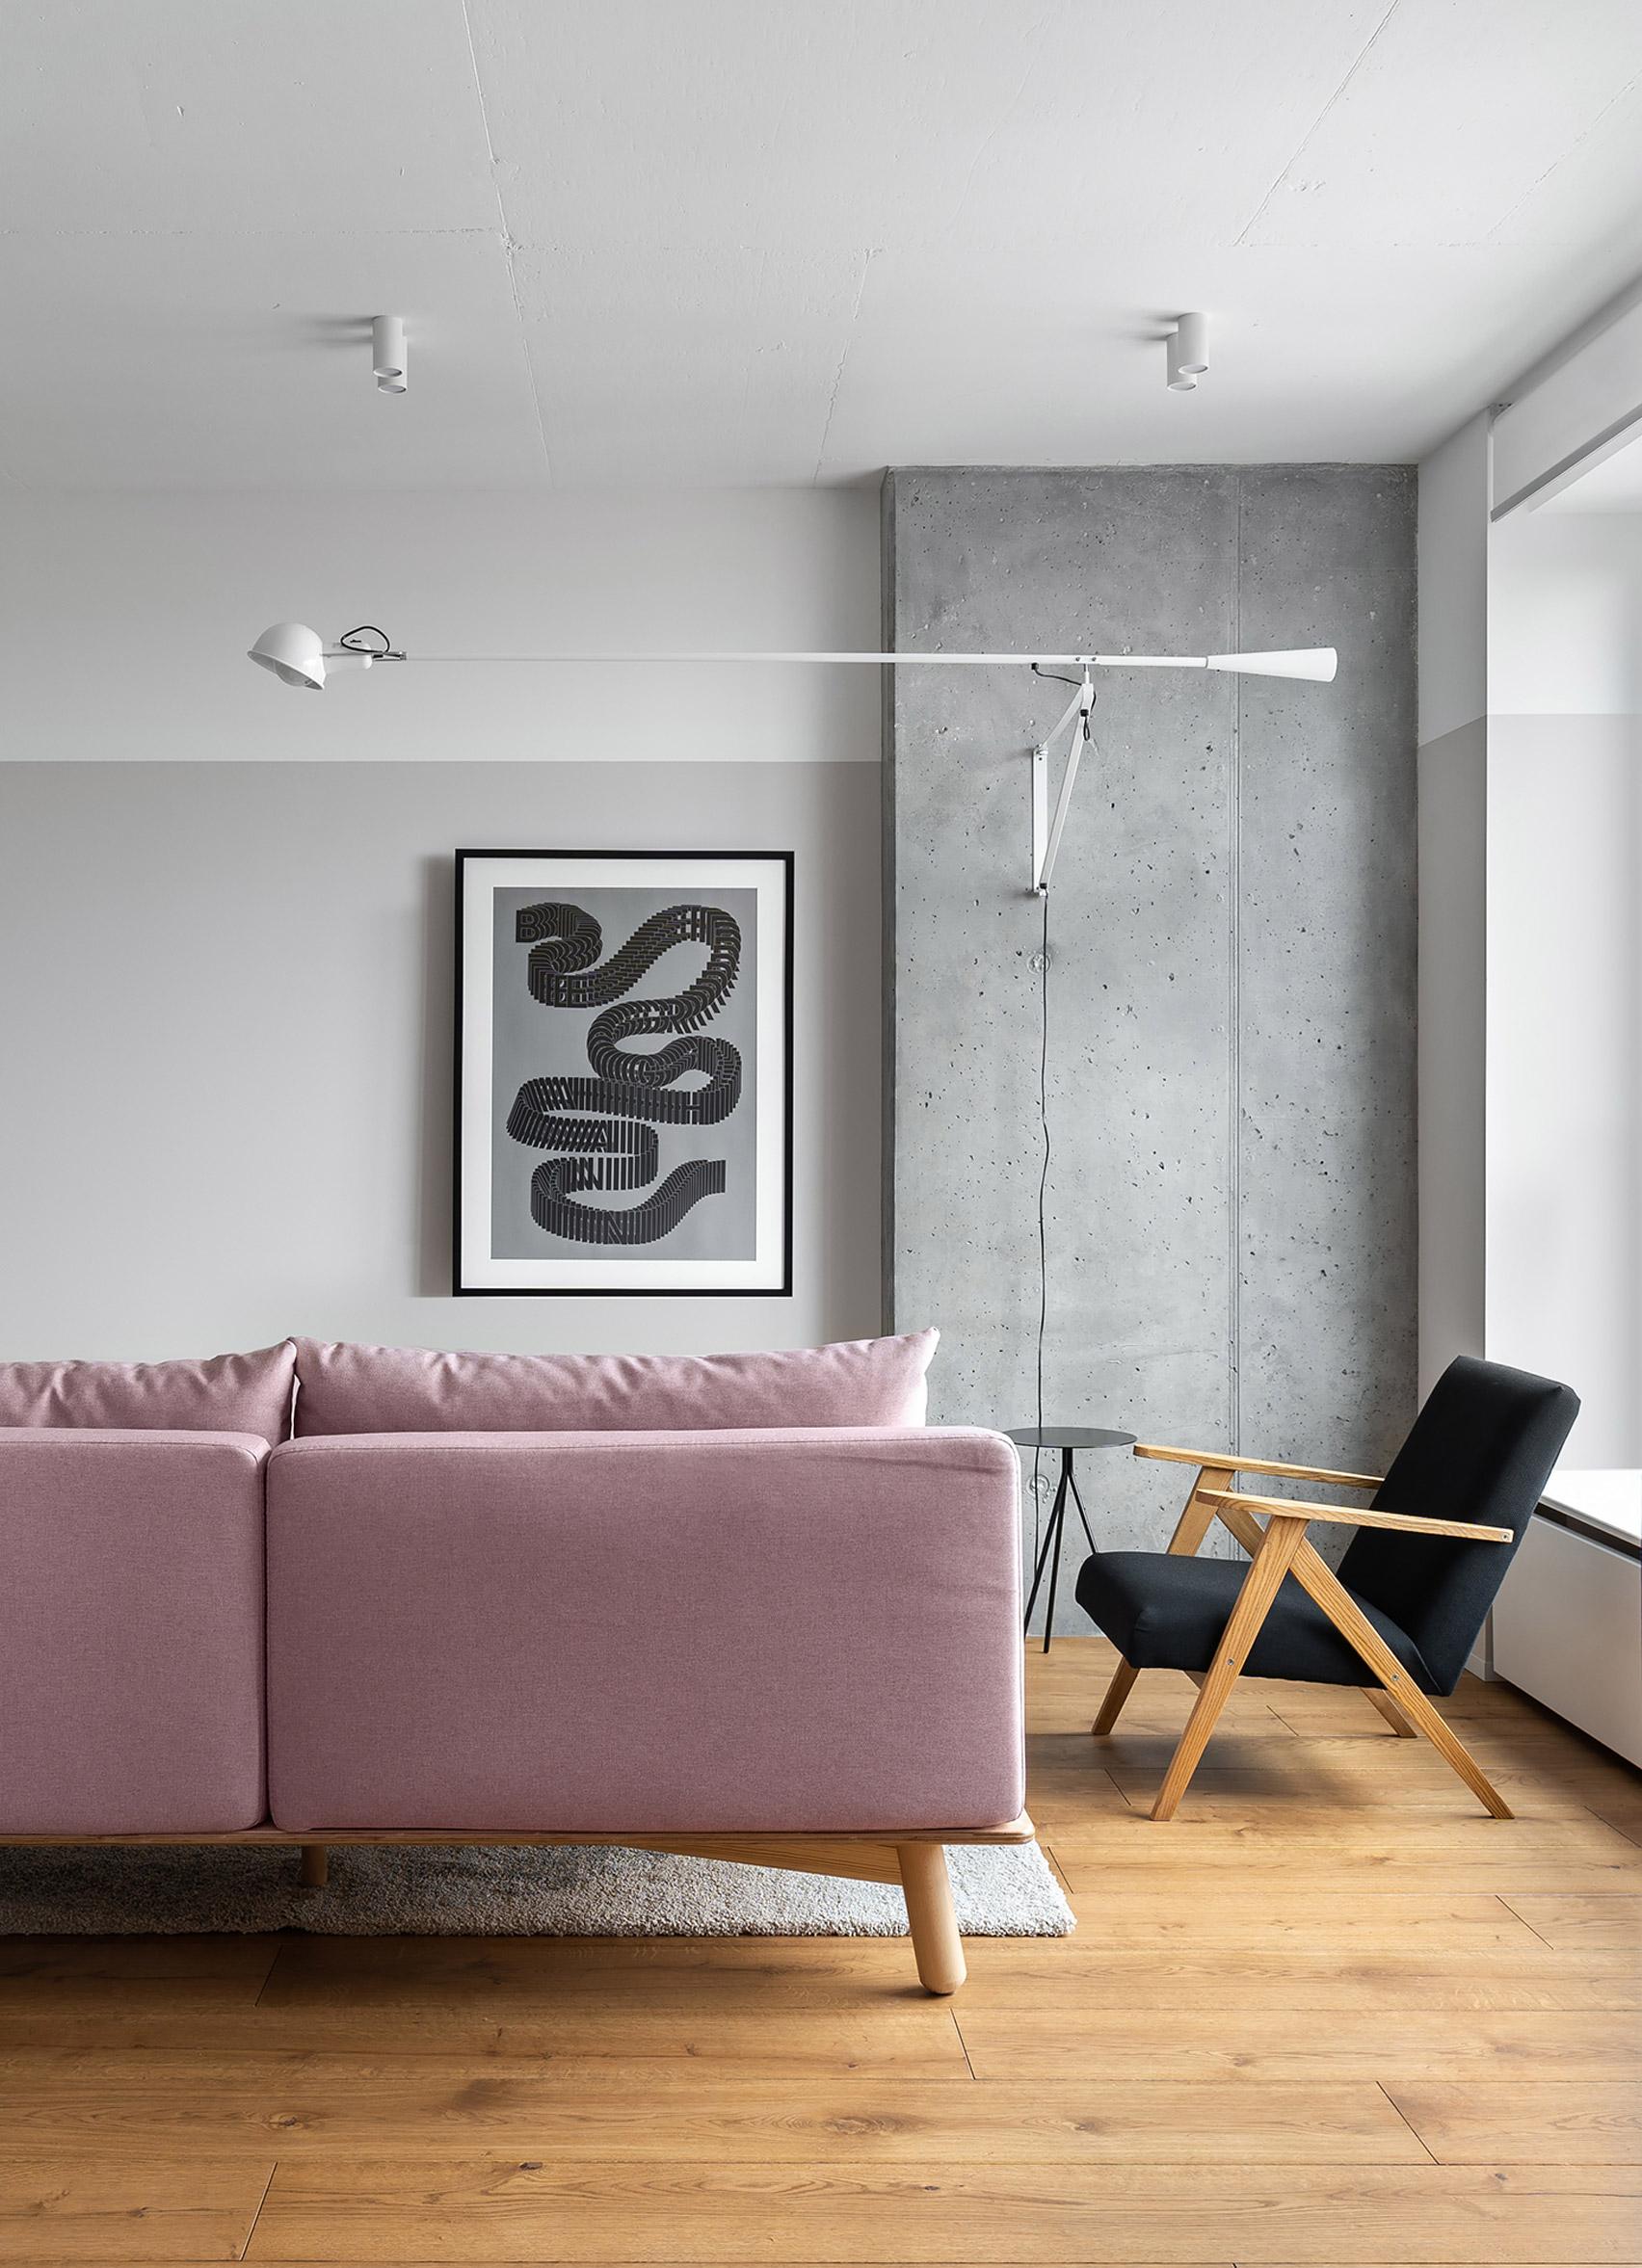 butas Egr-apartment-ater-architects-kyiv-ukraine-architecture_dezeen_1704_col_7